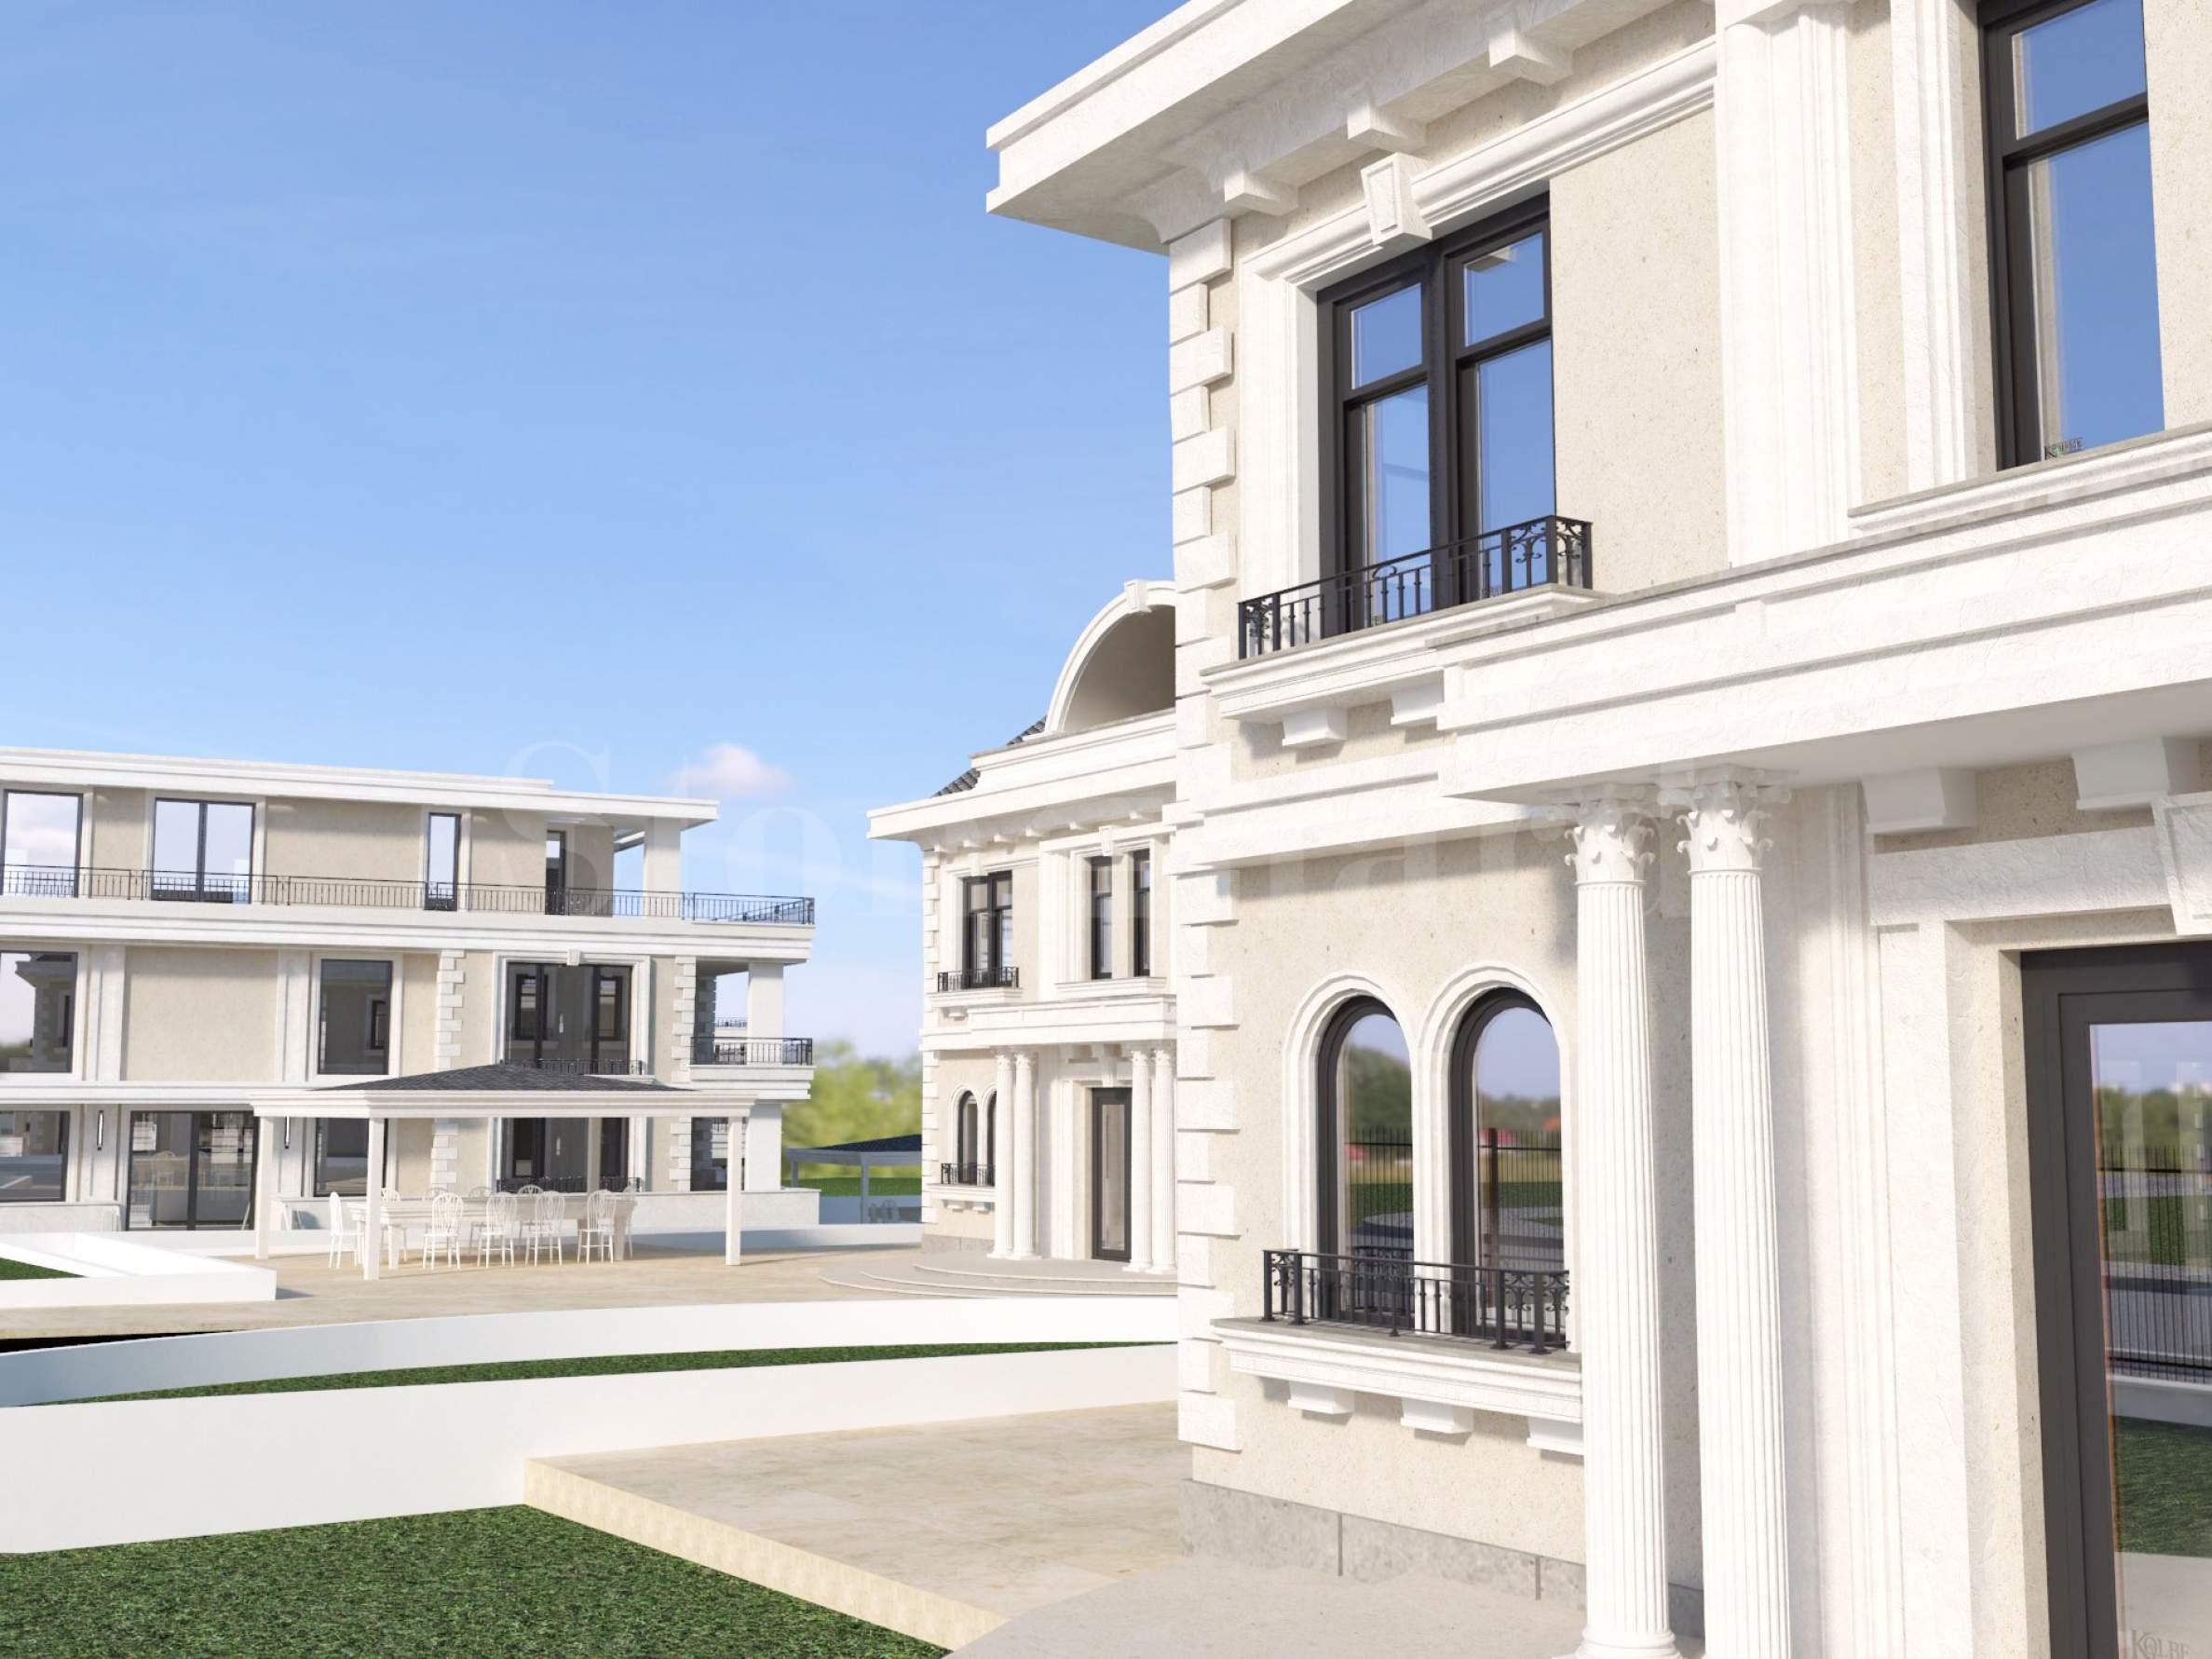 GOLDEN KEYS - нов жилищен комплекс в полите на Витоша2 - Stonehard